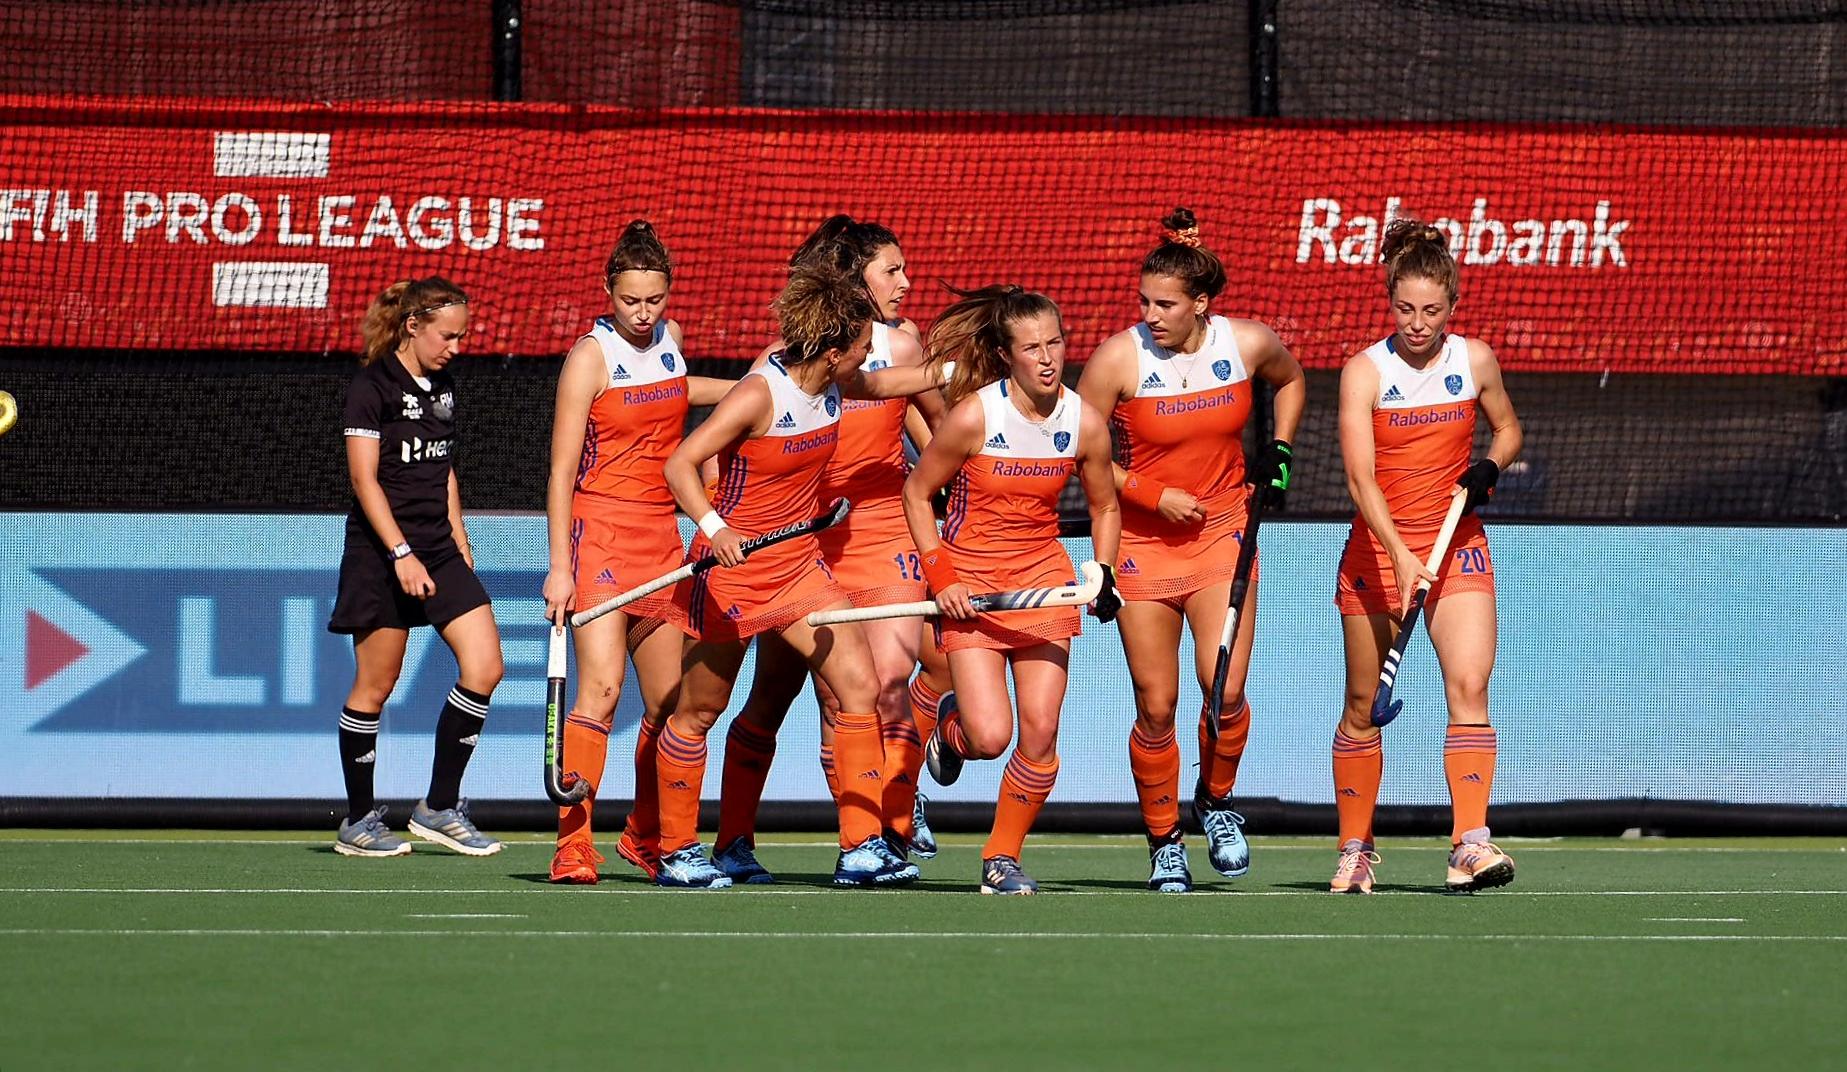 Preview Pro League (D): Oranje Dames ontvangen die Mannschaft